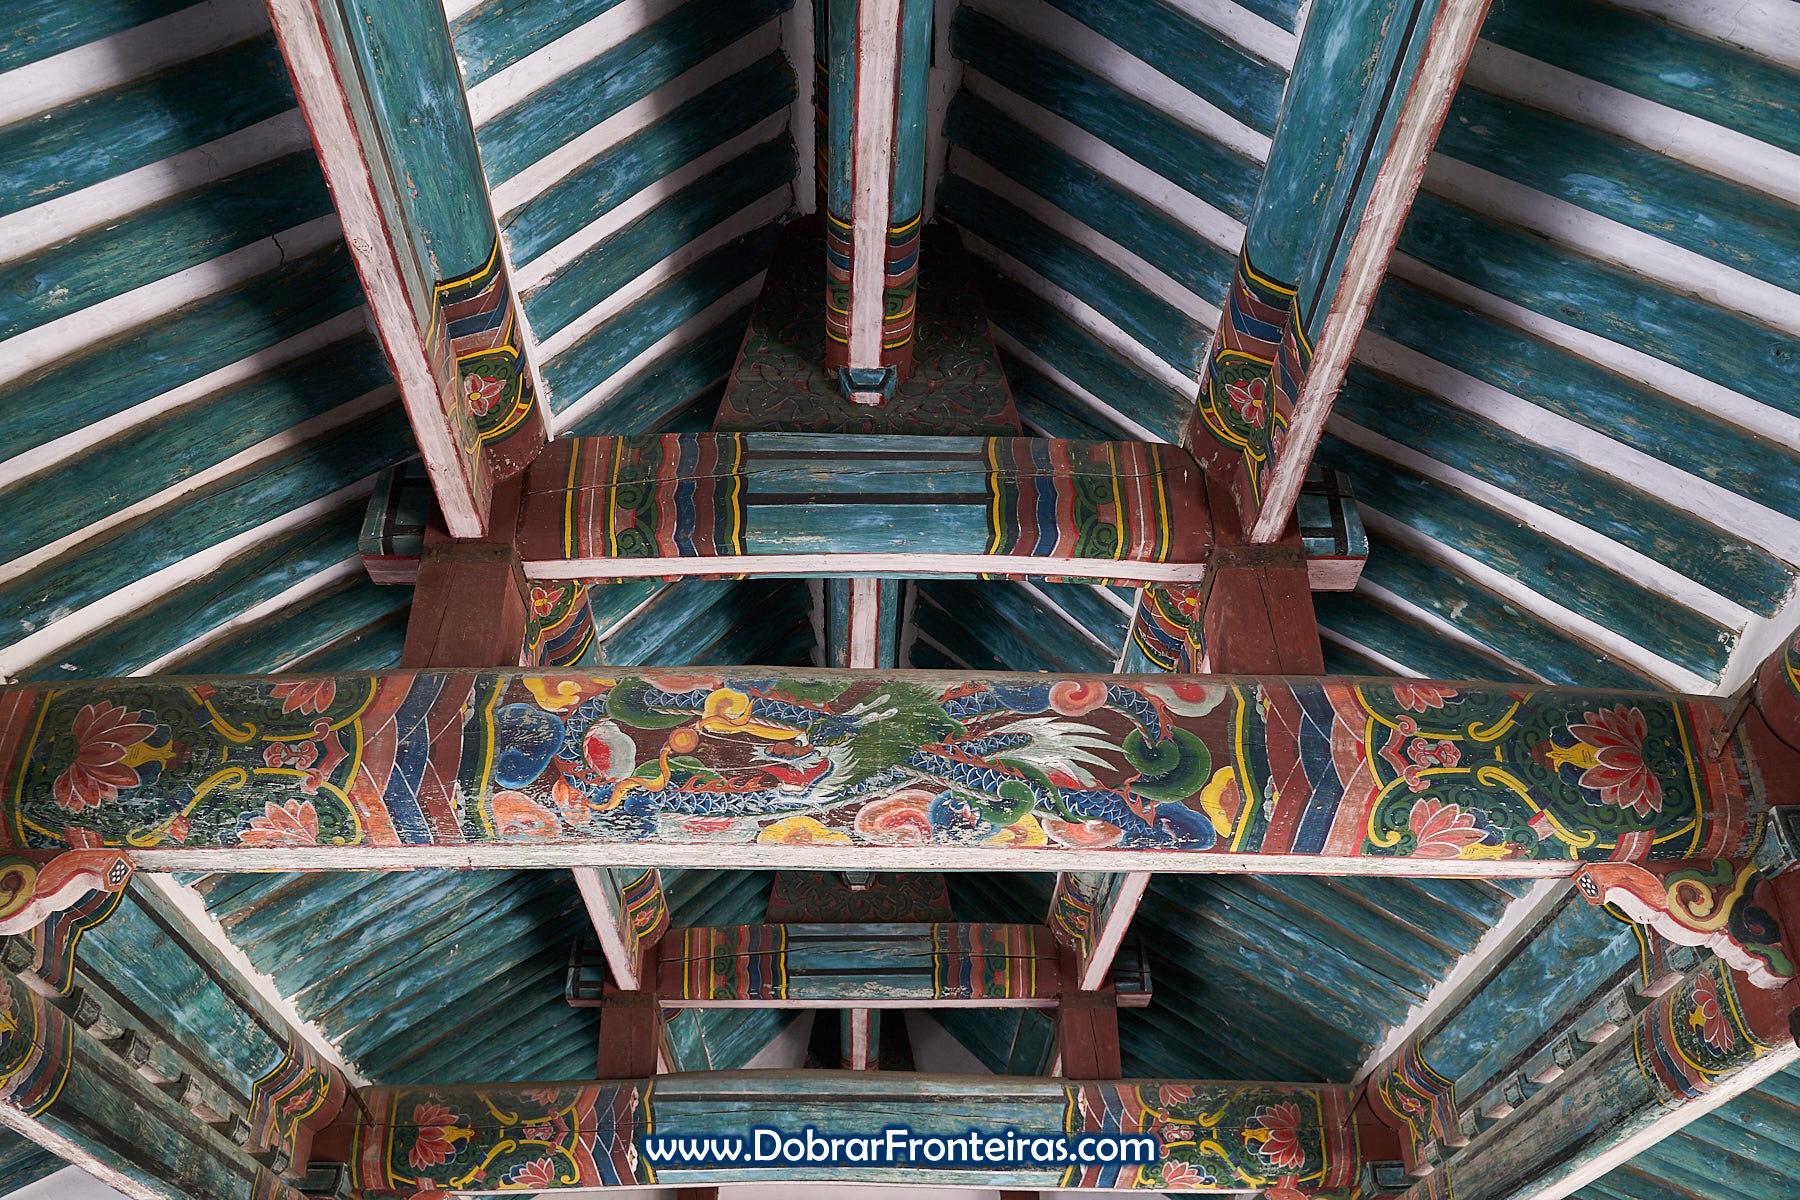 detalhe de tecto de madeira pintada